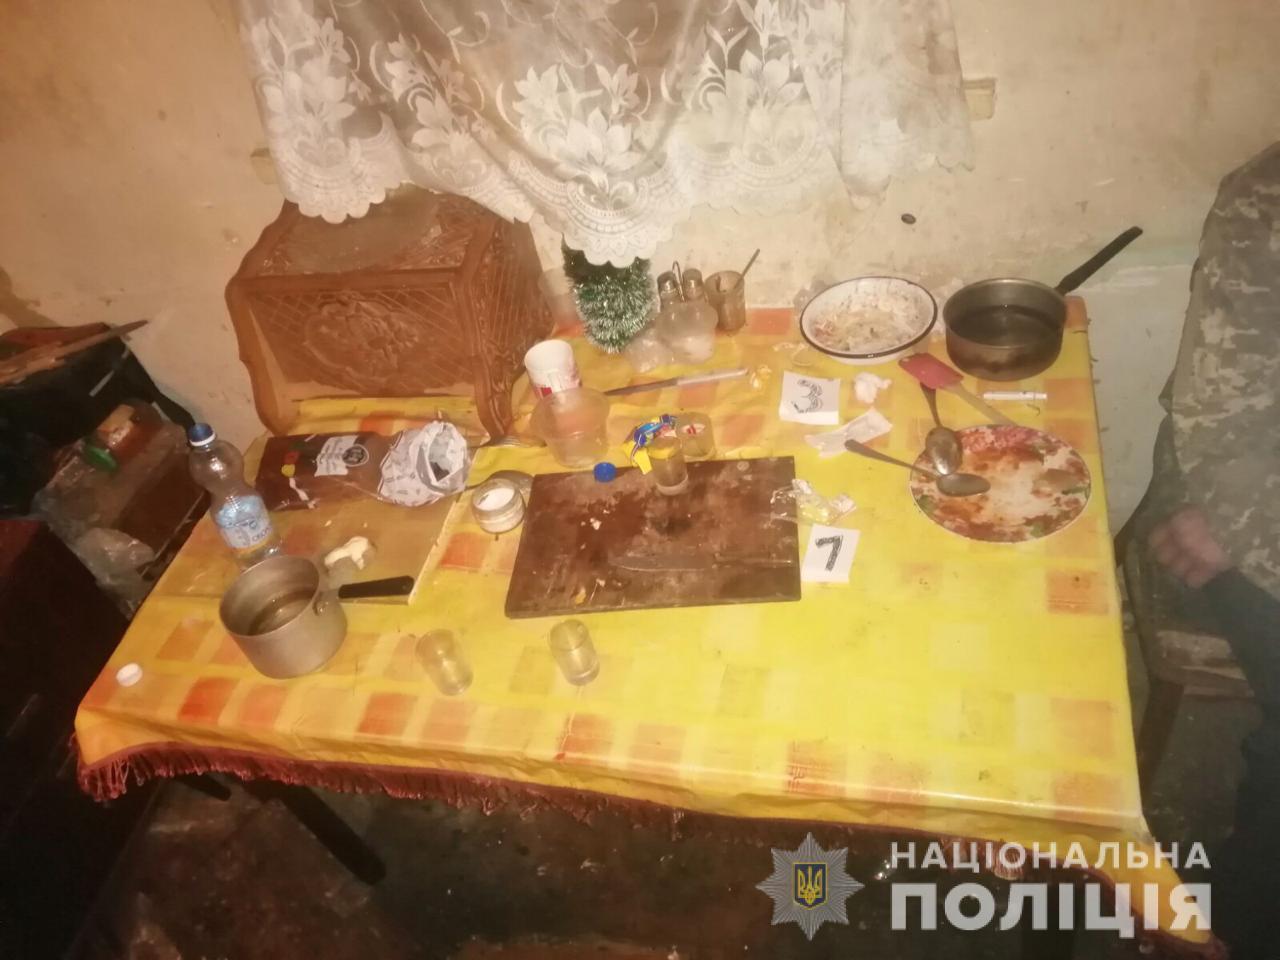 Києво-Святошинський район: чоловік ударив товариша ножем у живіт -  - malyut2